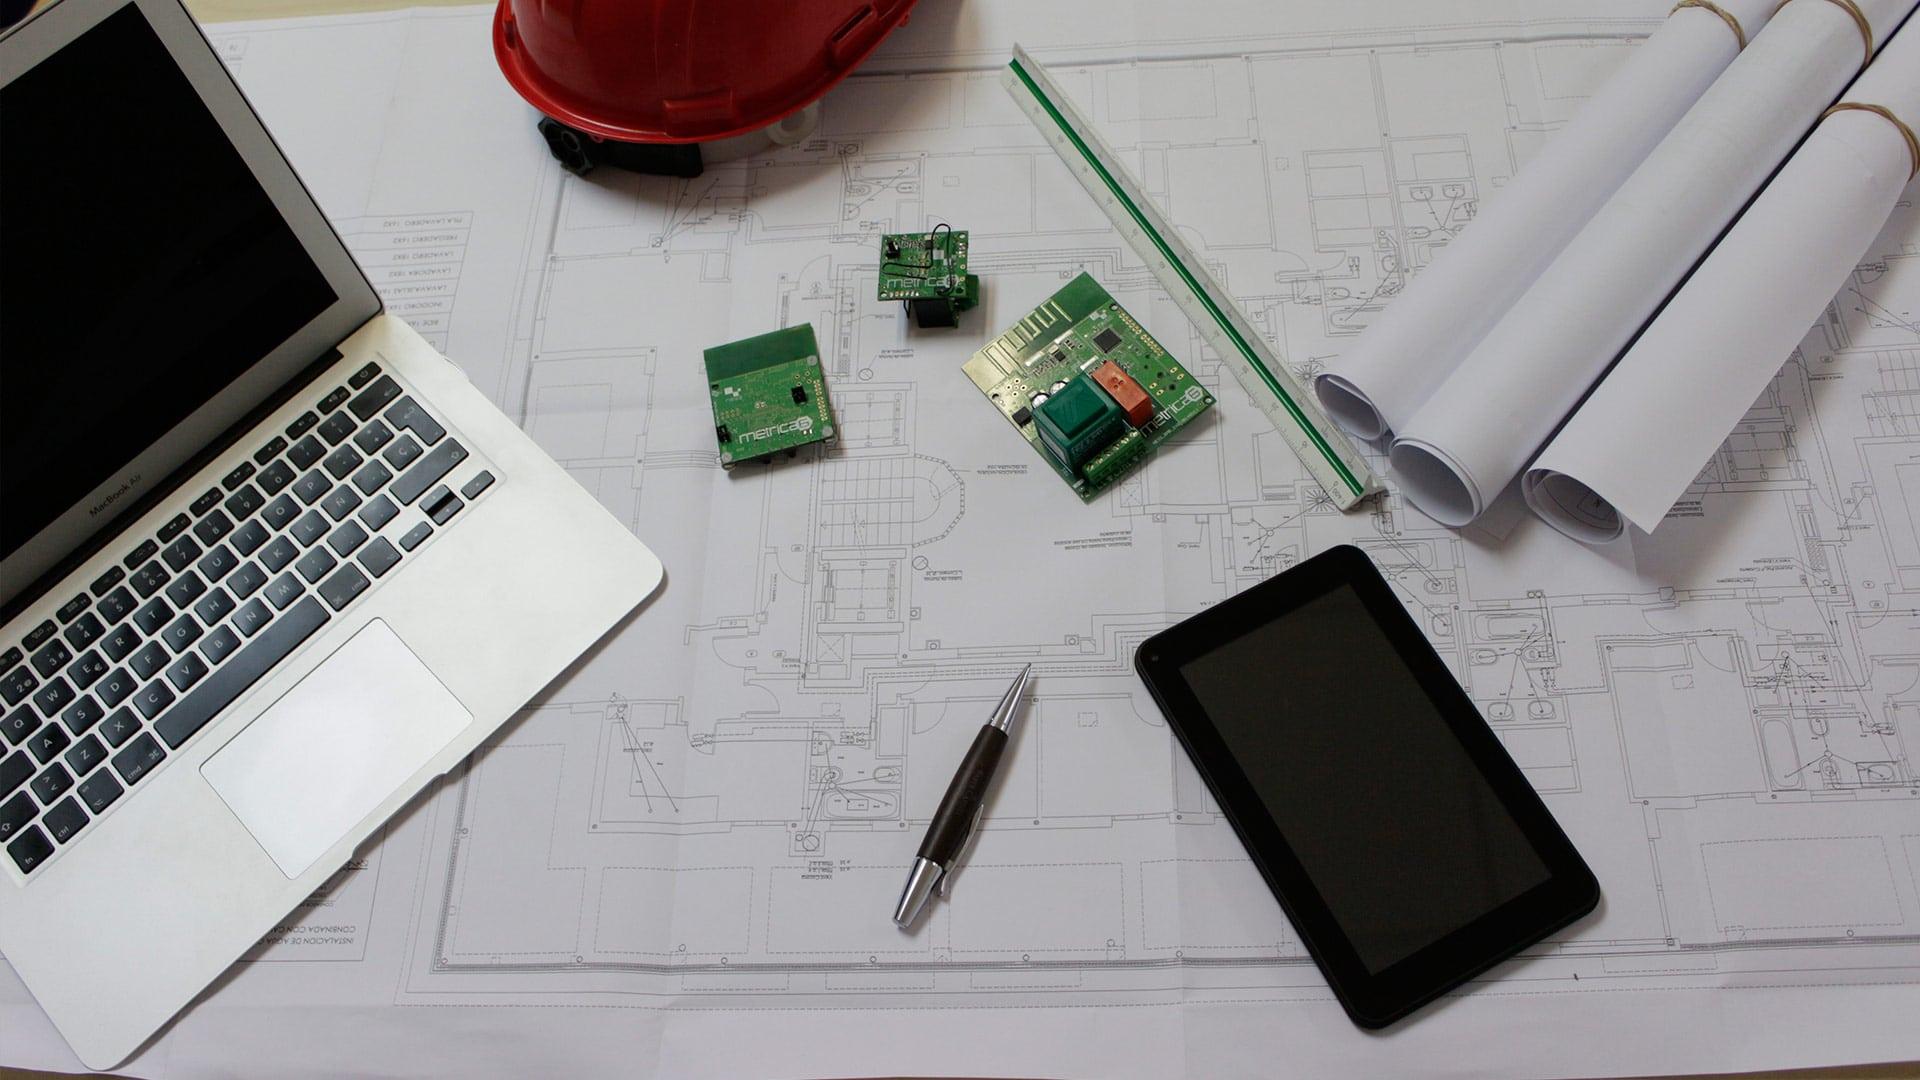 SLIDER- 1 Métrica6 SLIDER4-1 Métrica6 empresa ingeniería Málaga Diseño de producto, desarrollo, I+D+i, innovación, consultoría, subvenciones